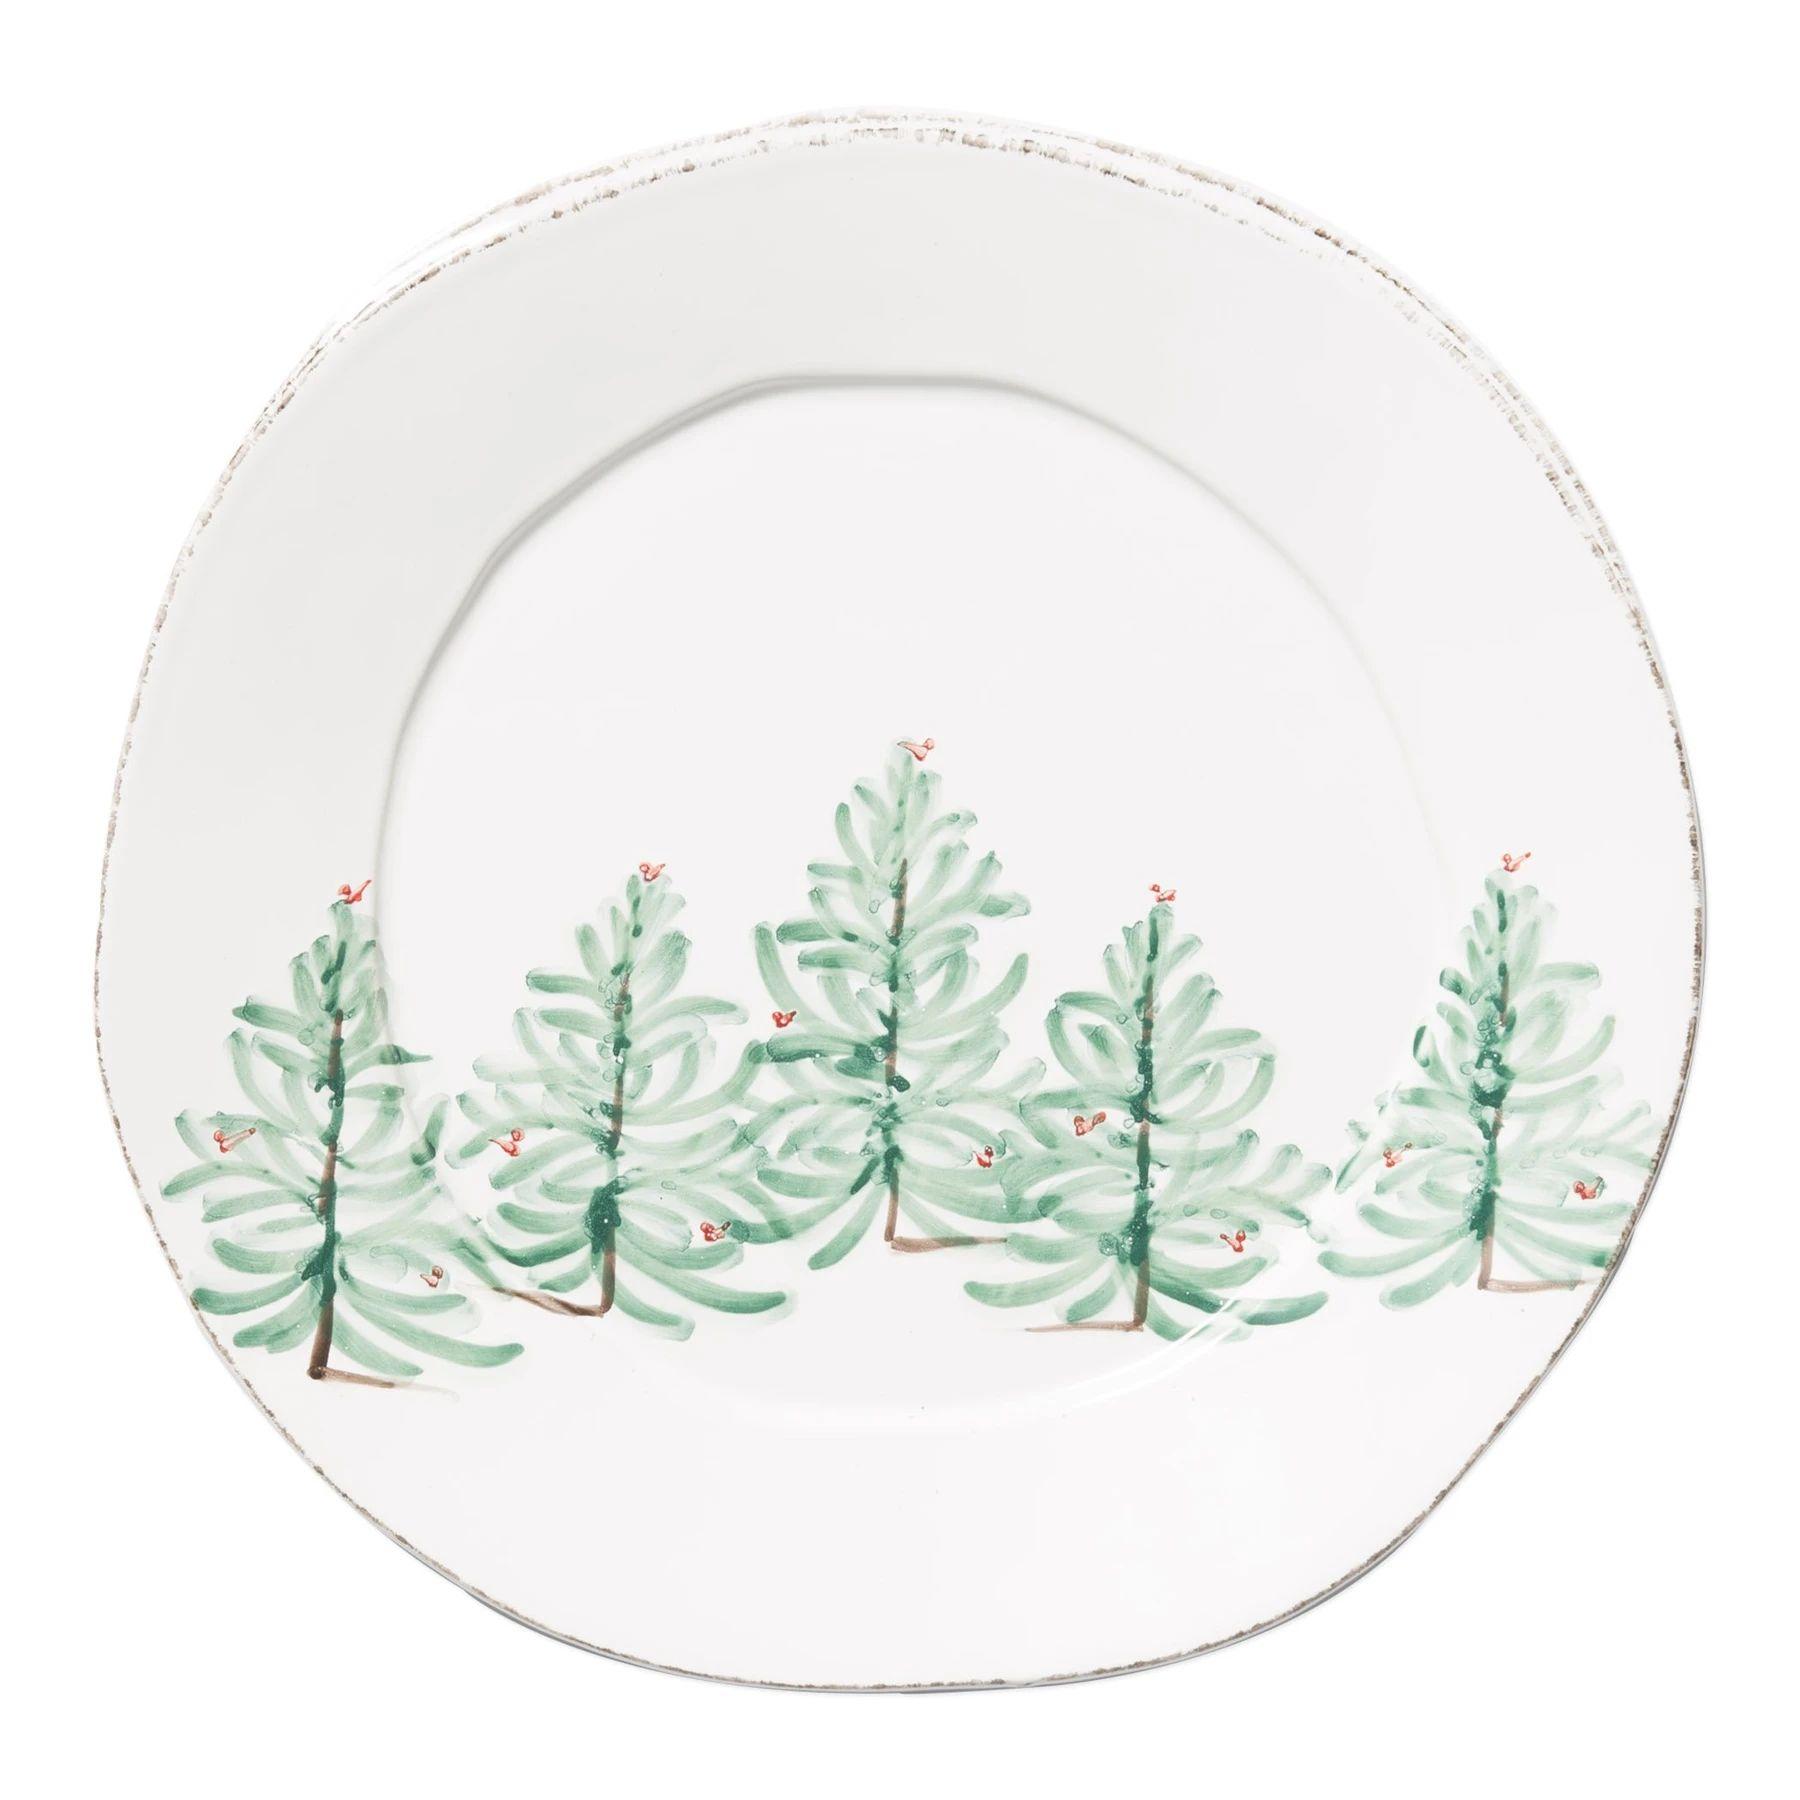 Vietri Lastra Holiday Dinnerware Gracious Style